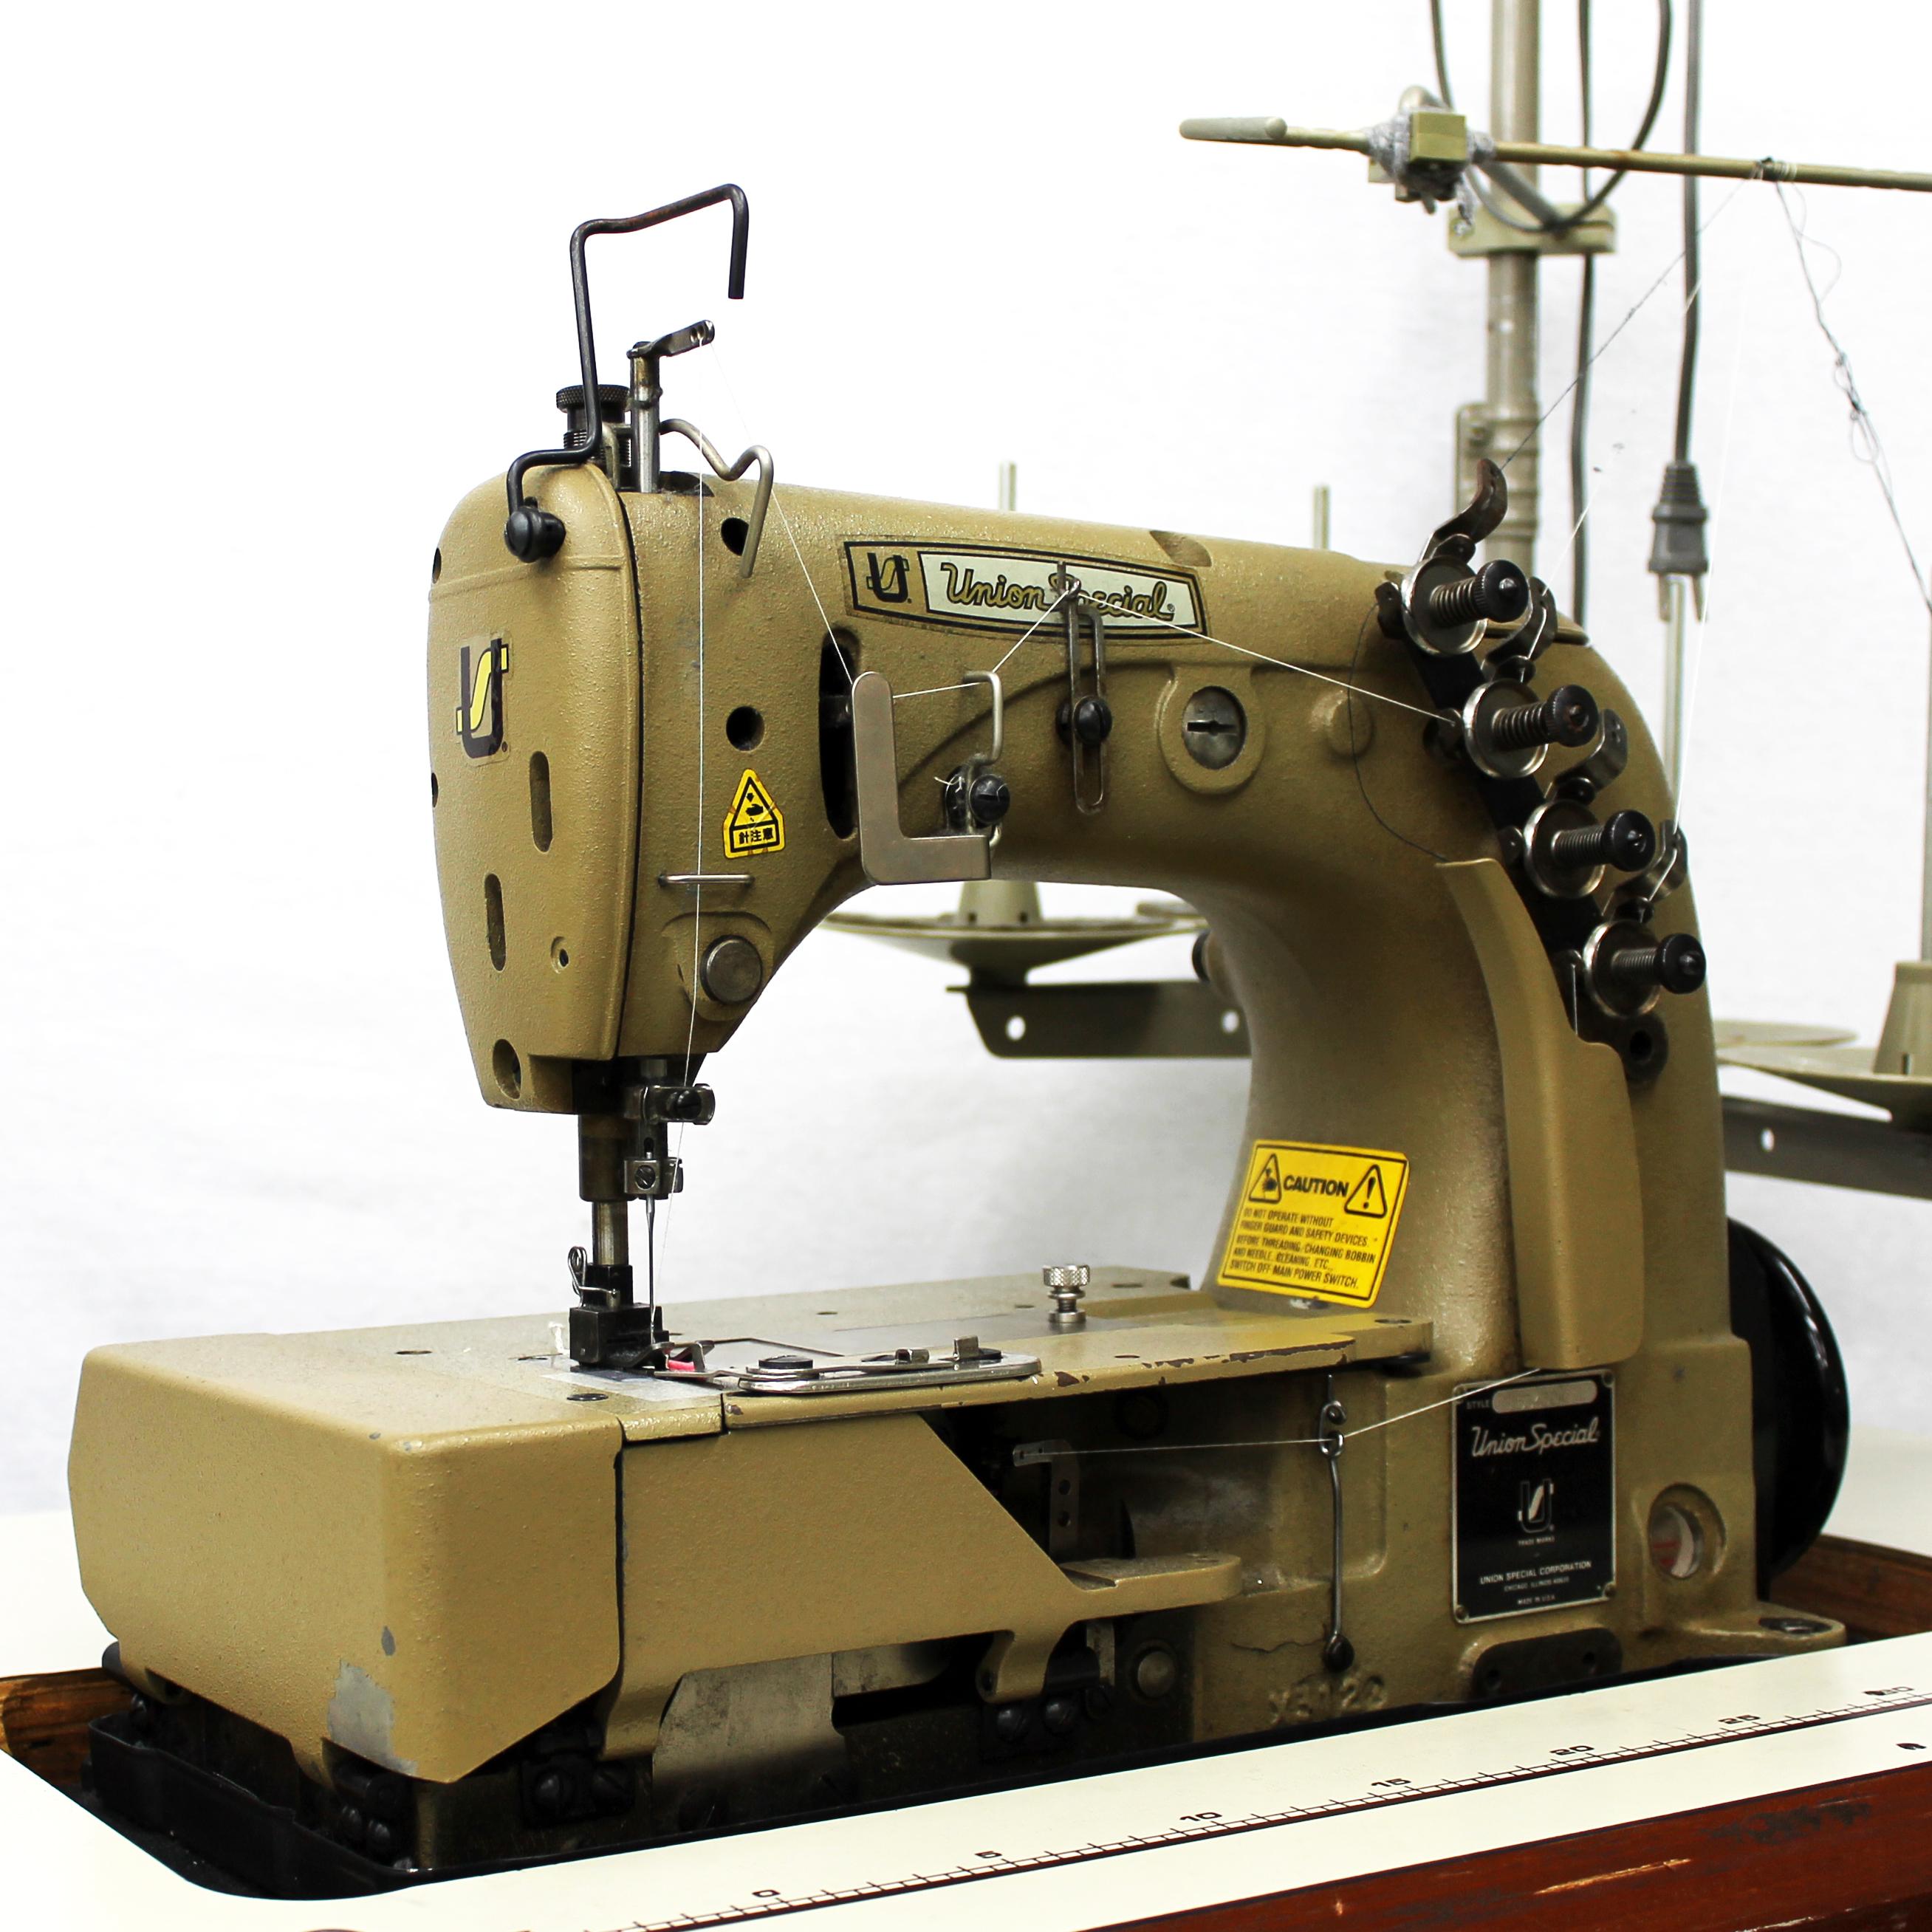 machine6-1